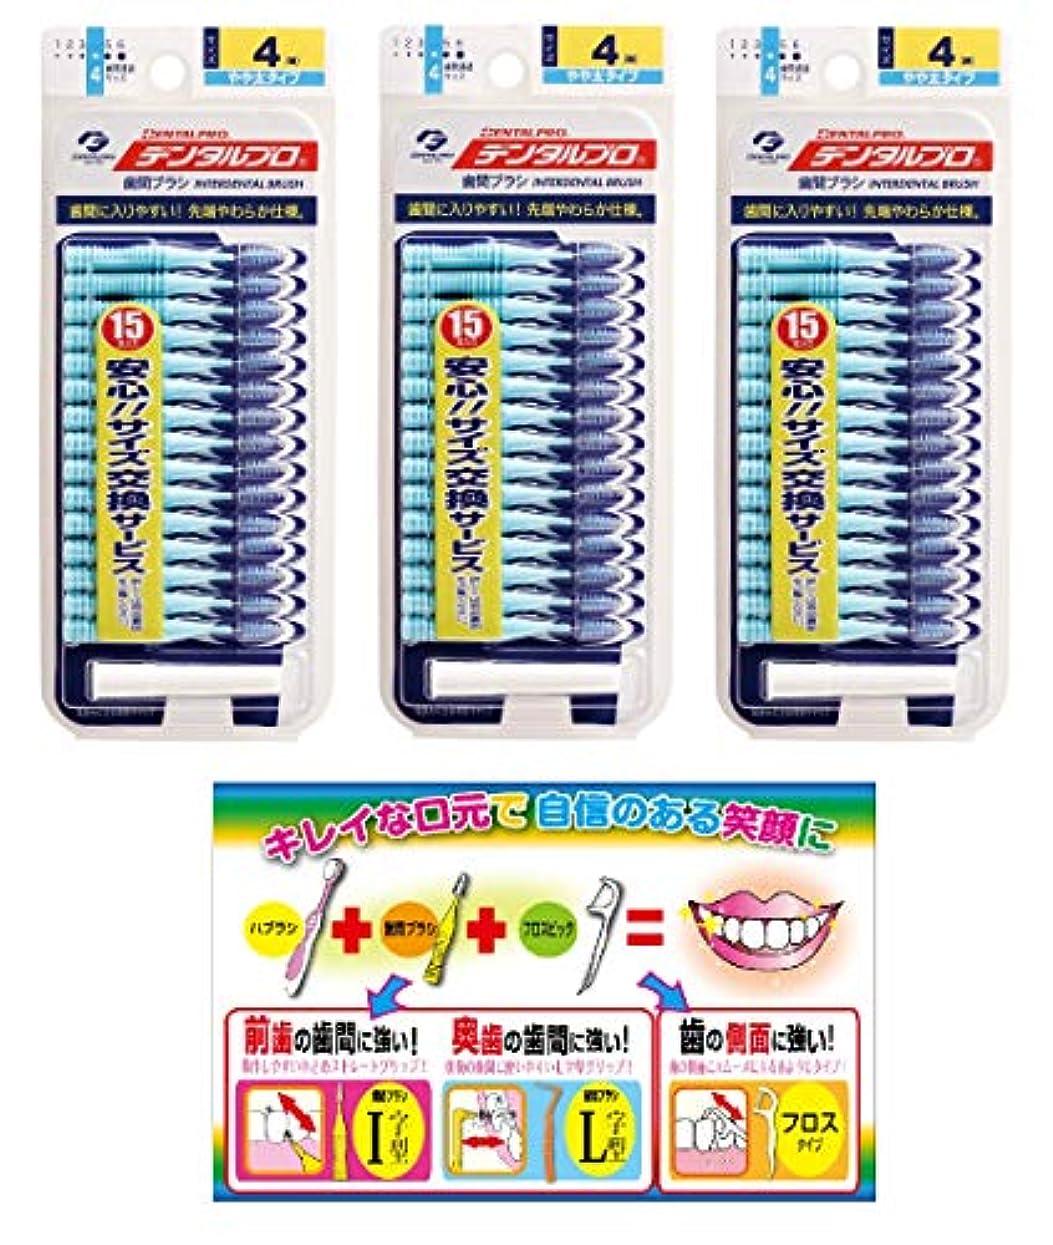 失速耐える事務所【Amazon.co.jp限定】DP歯間ブラシ15P サイズ4 3P+リーフレット